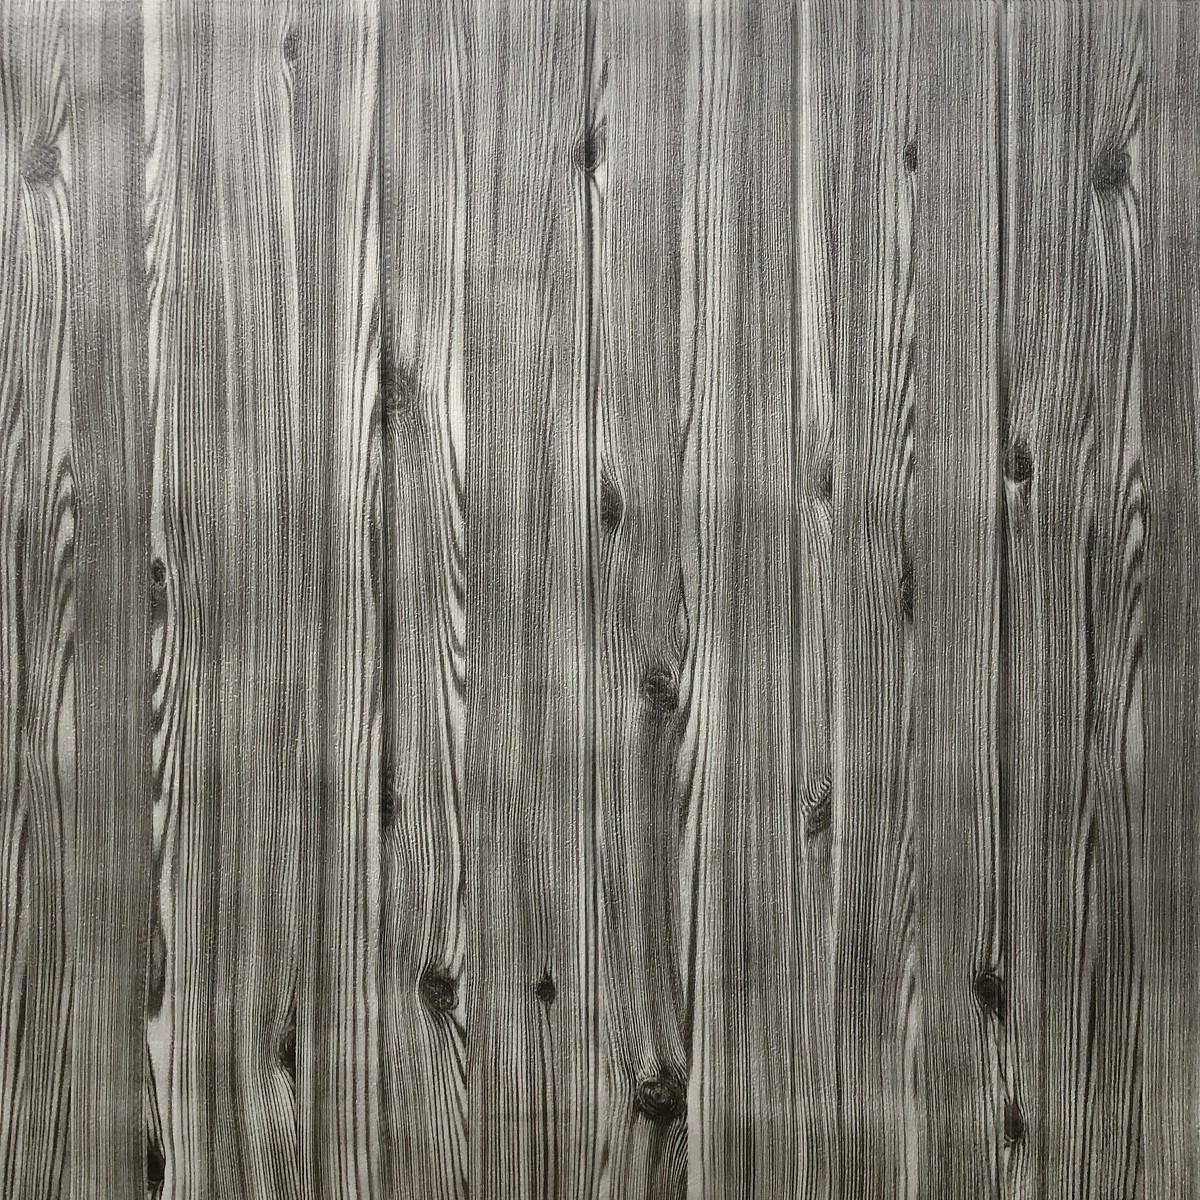 Самоклеюча декоративна 3D панель графітове дерево 700х700х4мм